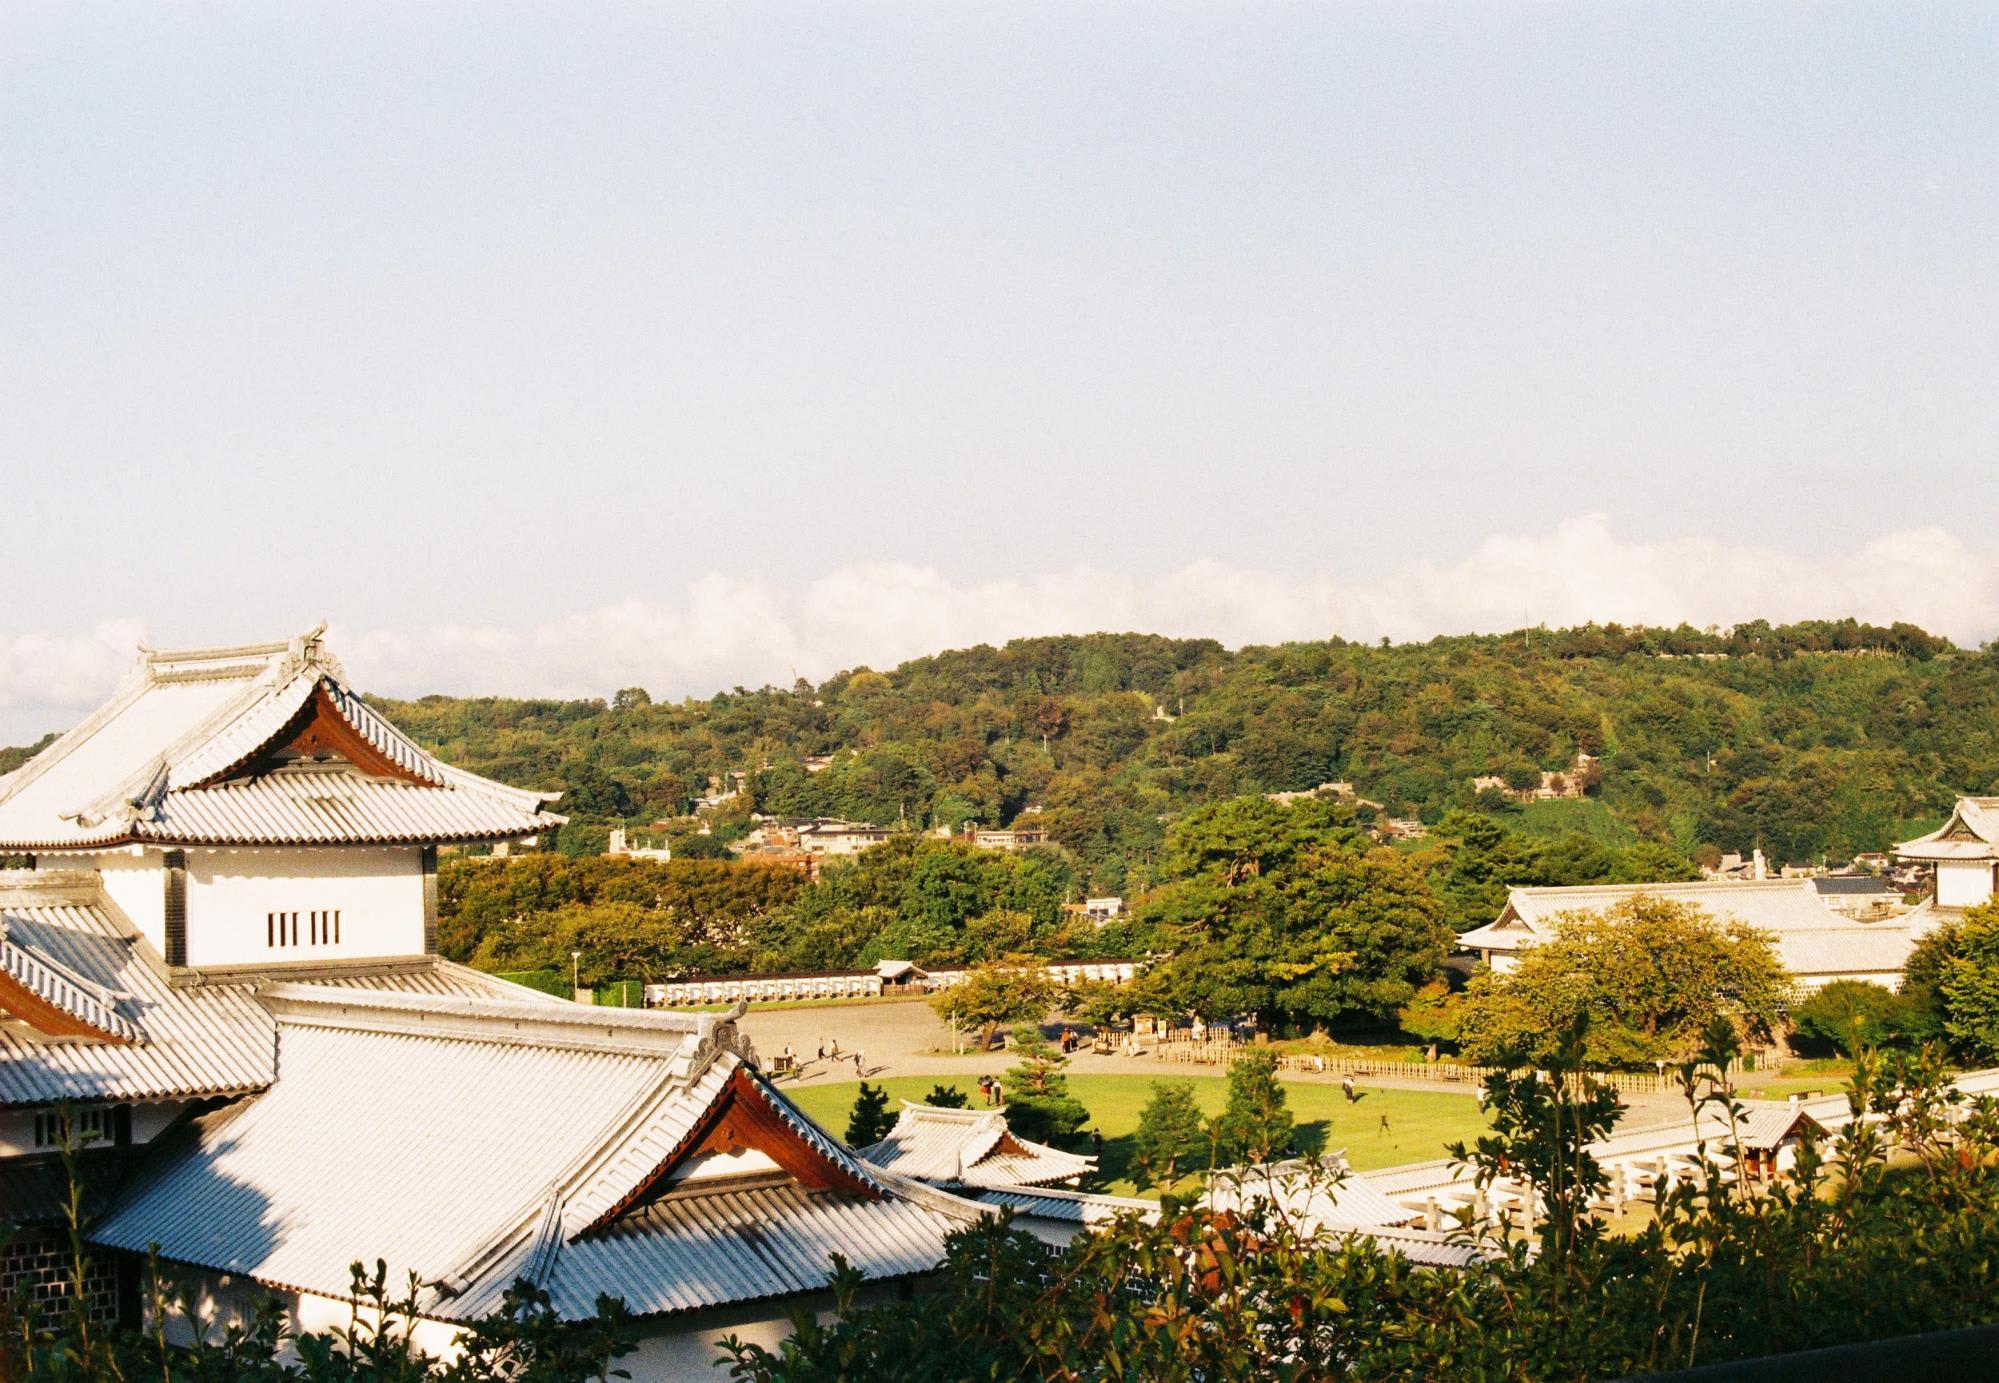 thành cổ kanazawa nhìn từ trên cao